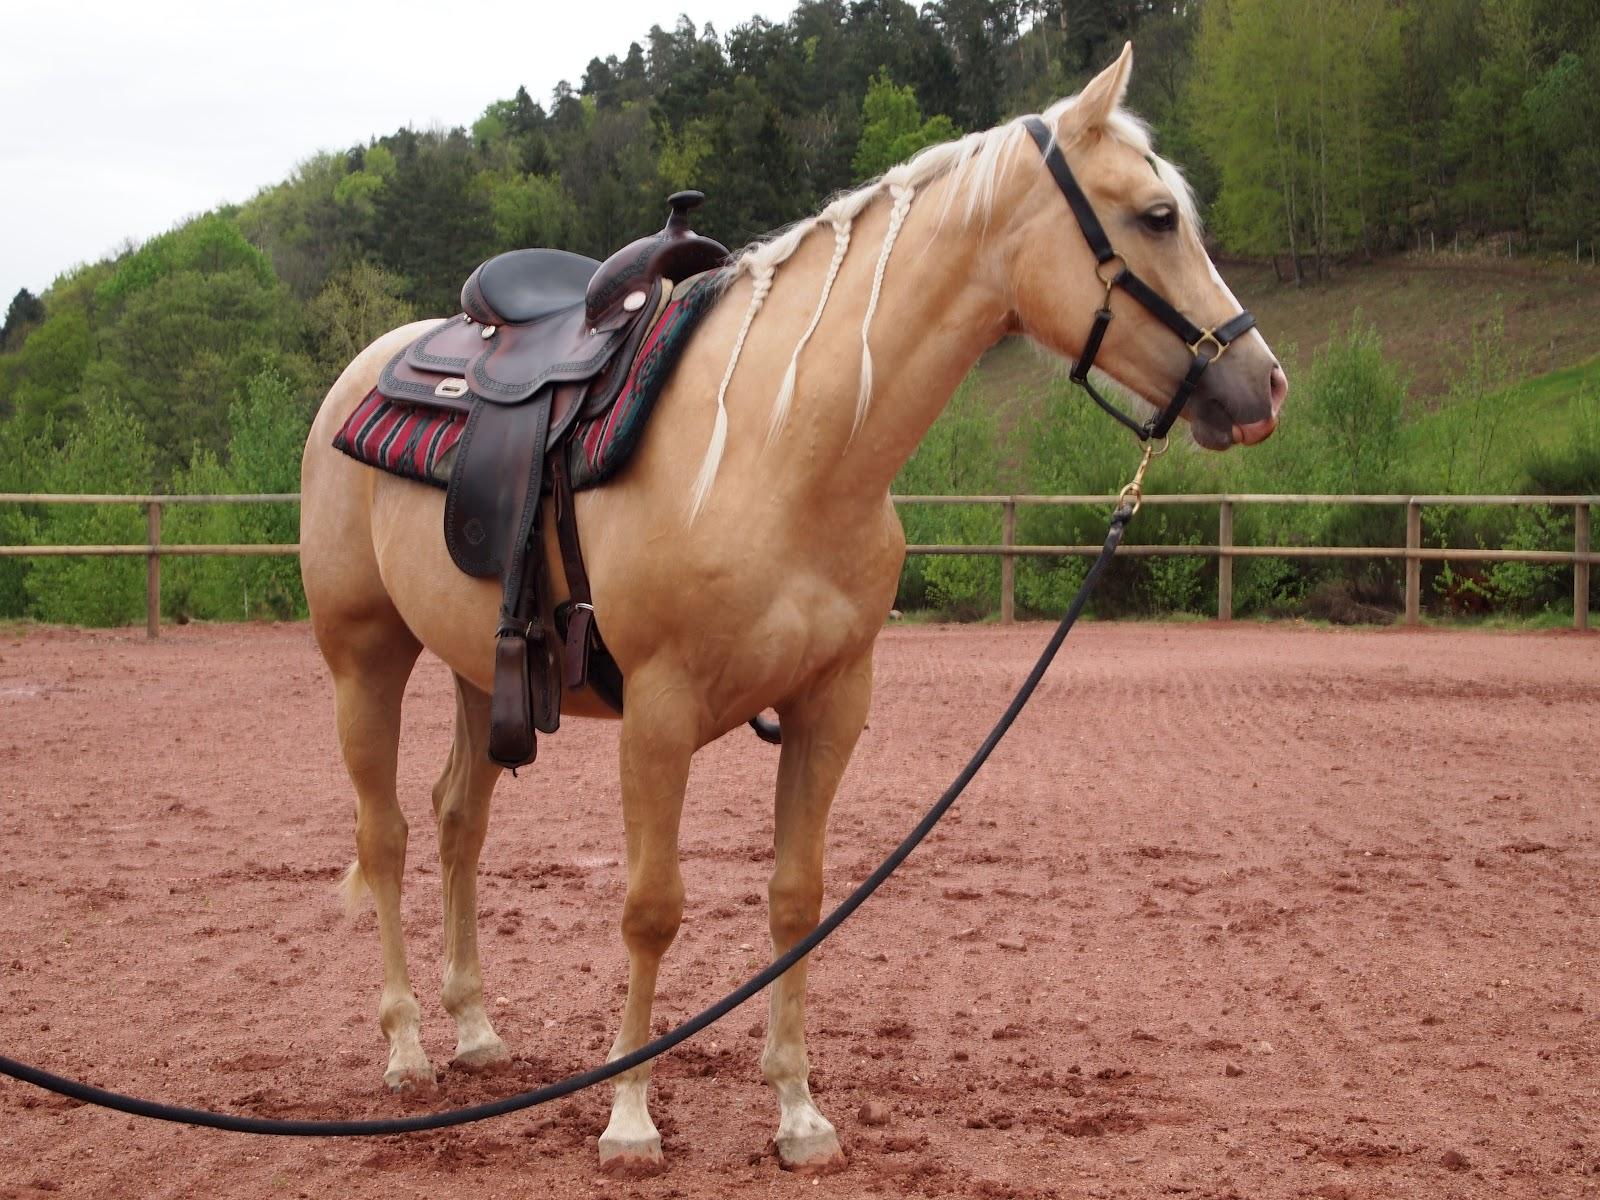 خيول كوارتر الأمريكية